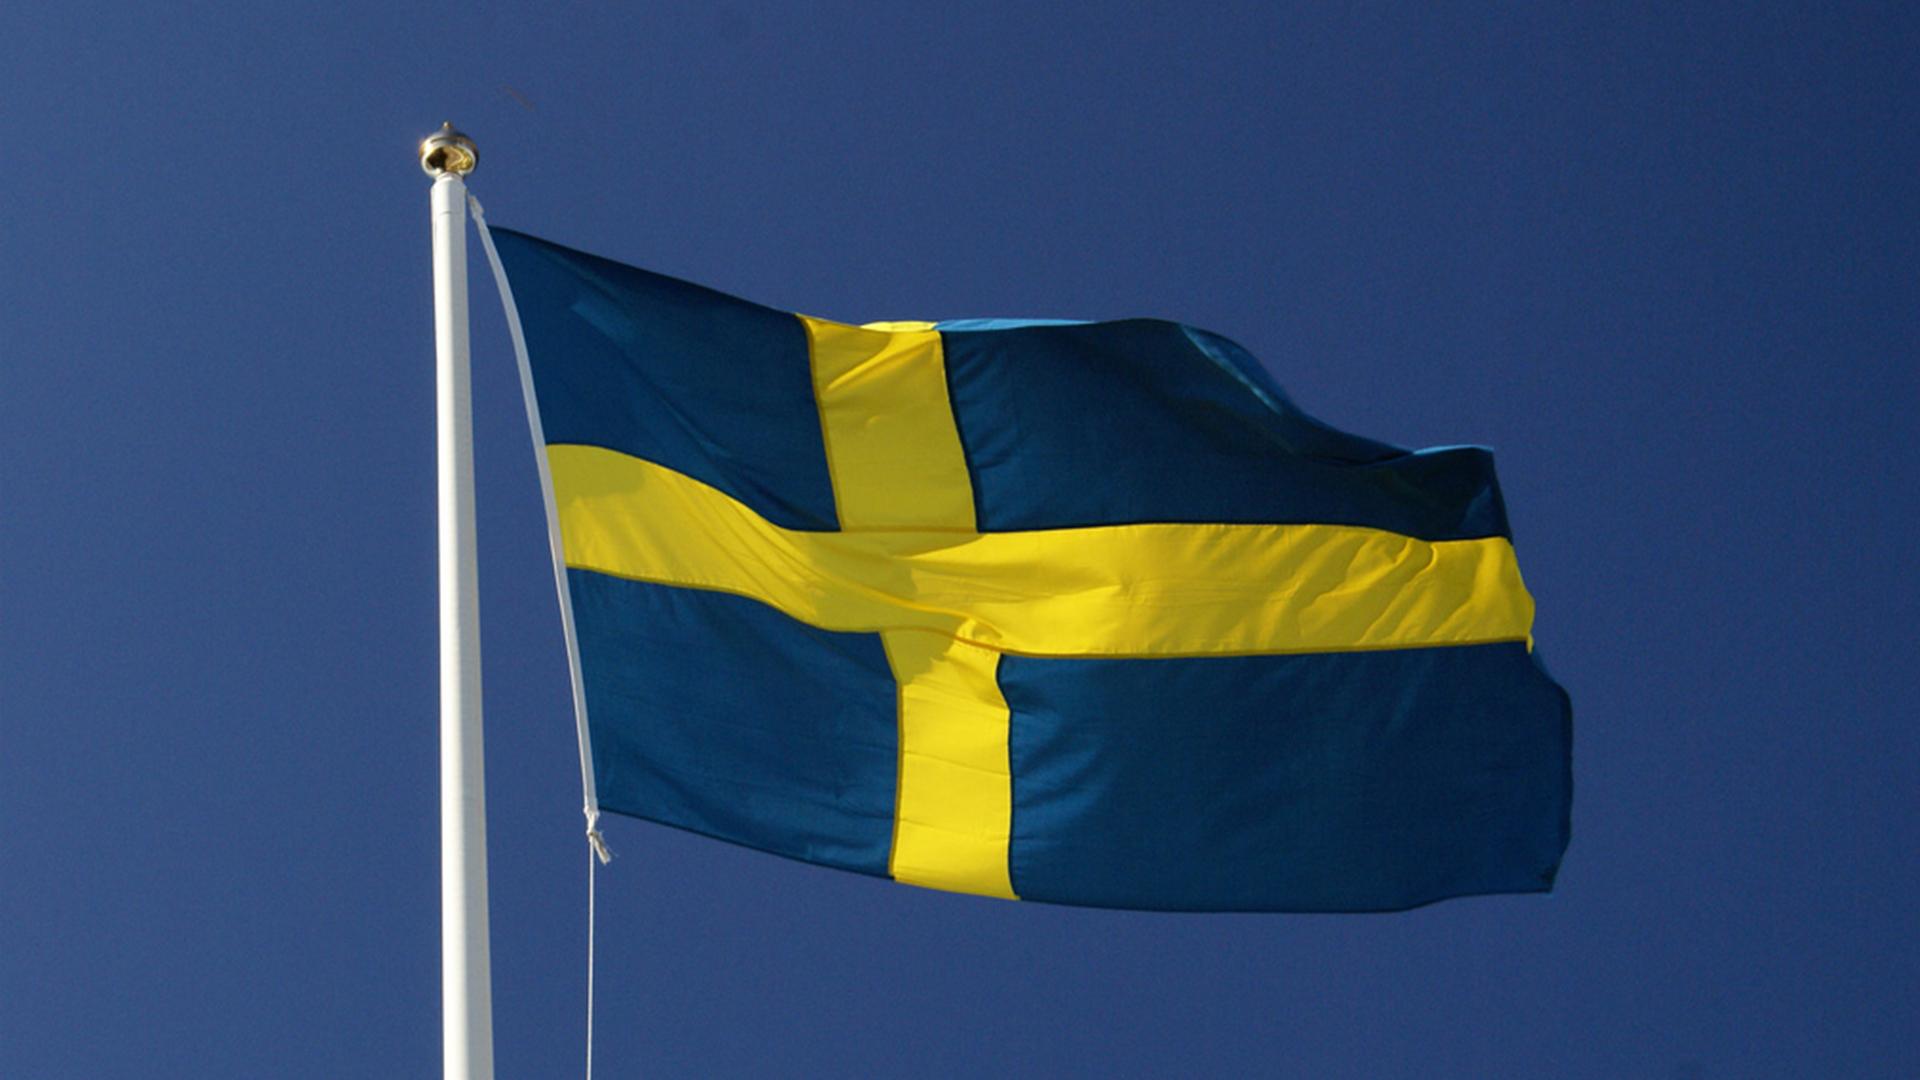 İsveç'ten yurt dışındaki vatandaşlarına 'geri dönmeyin' çağrısı